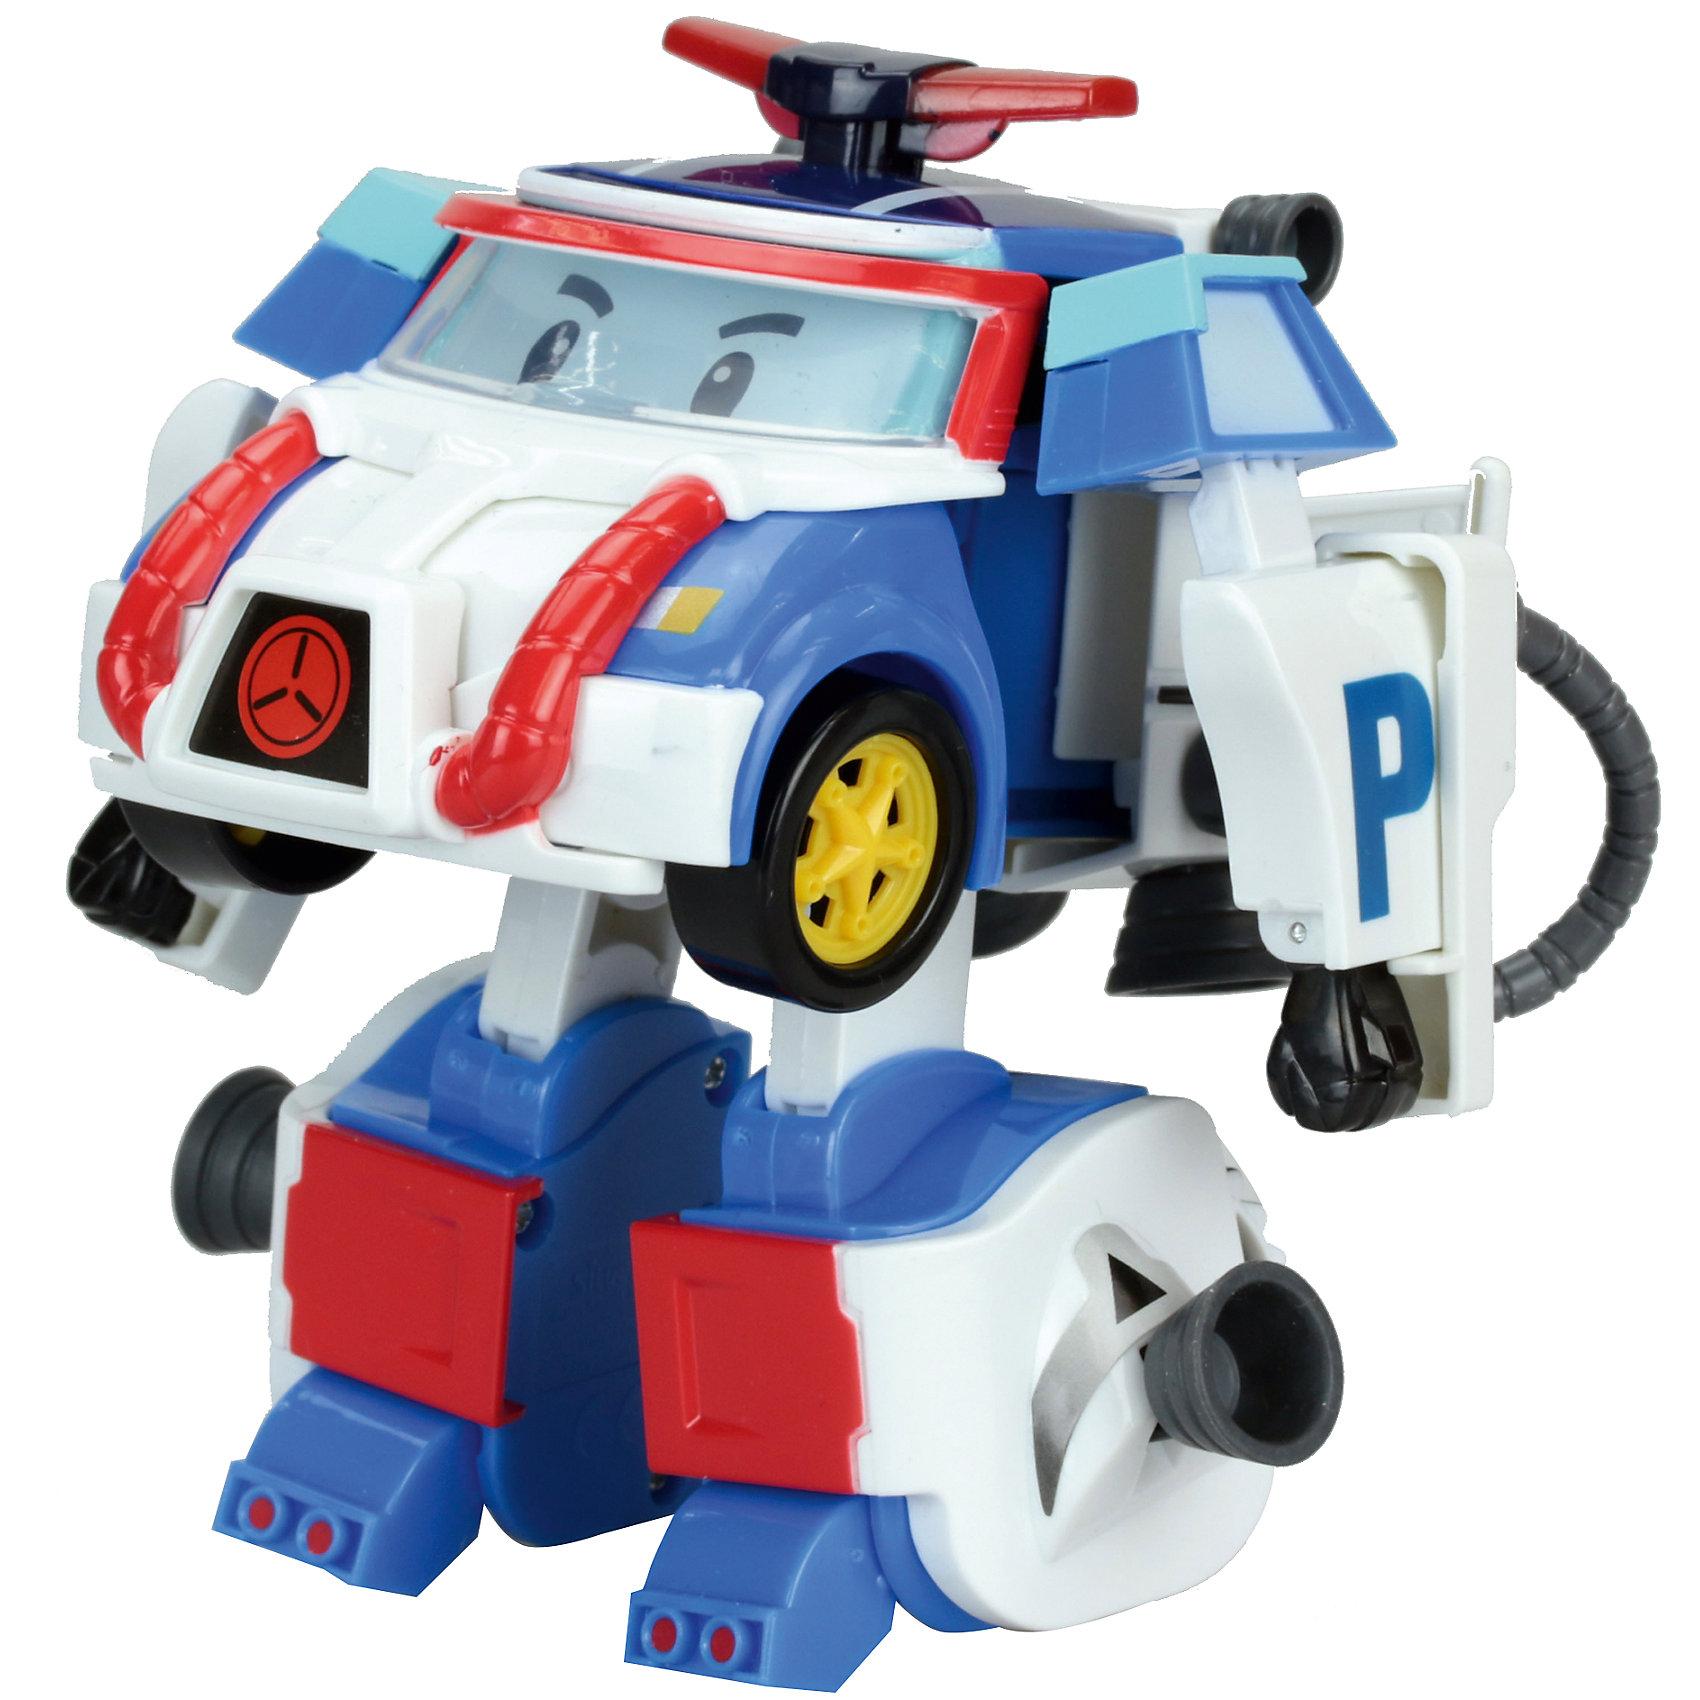 Поли трансформер, 10 см, Робокар полиИгровые наборы<br>Трансформер и костюм астронавта Поли, 10 см, Робокар Поли.<br><br>Характеристики:<br><br>- В наборе: игрушка-трансформер, аксессуары костюма астронавта<br>- Материал: пластик<br>- Размер игрушки: 10 см.<br>- Упаковка: картонная коробка блистерного типа<br>- Размер упаковки: 10,8 x 15,2 x 17,2 см.<br>- Вес: 266 гр.<br><br>Ловкий и отважный полицейский автомобиль Робокар Поли как обычно, не бросит в беде никого и выручит из любой ситуации. Тем более, что с костюмом астронавта у него появилось еще больше возможностей помогать людям. Наш Поли легко и быстро трансформируется из машинки в робота, наденет на себя костюм и ринется в открытый космос!<br><br>Трансформера и костюм астронавта Поли, 10 см, Робокар Поли можно купить в нашем интернет-магазине.<br><br>Ширина мм: 108<br>Глубина мм: 172<br>Высота мм: 152<br>Вес г: 321<br>Возраст от месяцев: 36<br>Возраст до месяцев: 84<br>Пол: Мужской<br>Возраст: Детский<br>SKU: 4632758